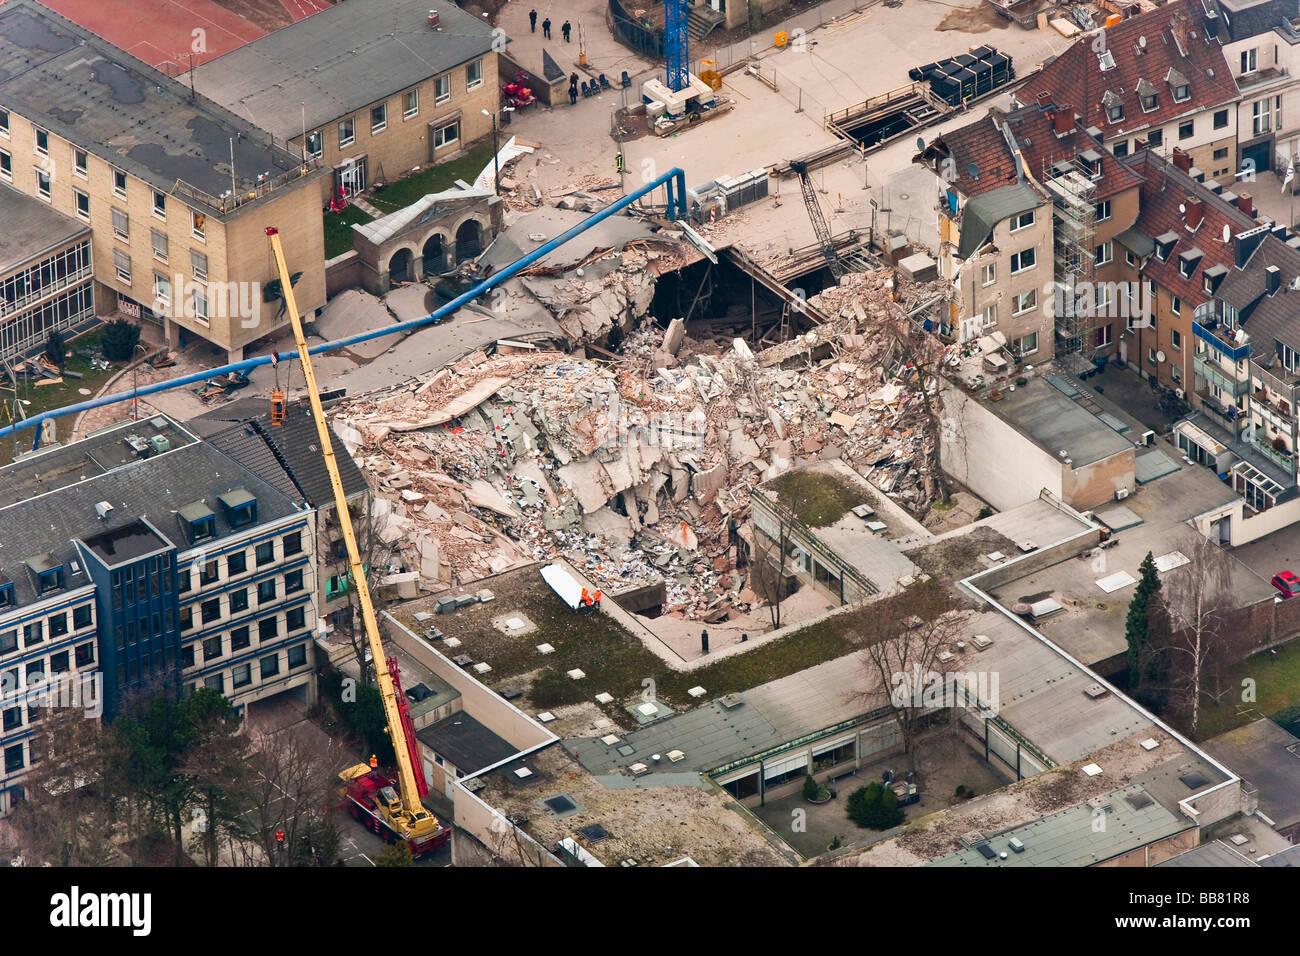 Vista aérea, derrumbe del Archivo Histórico de la ciudad de Colonia, Colonia, Renania del Norte-Westfalia, Imagen De Stock